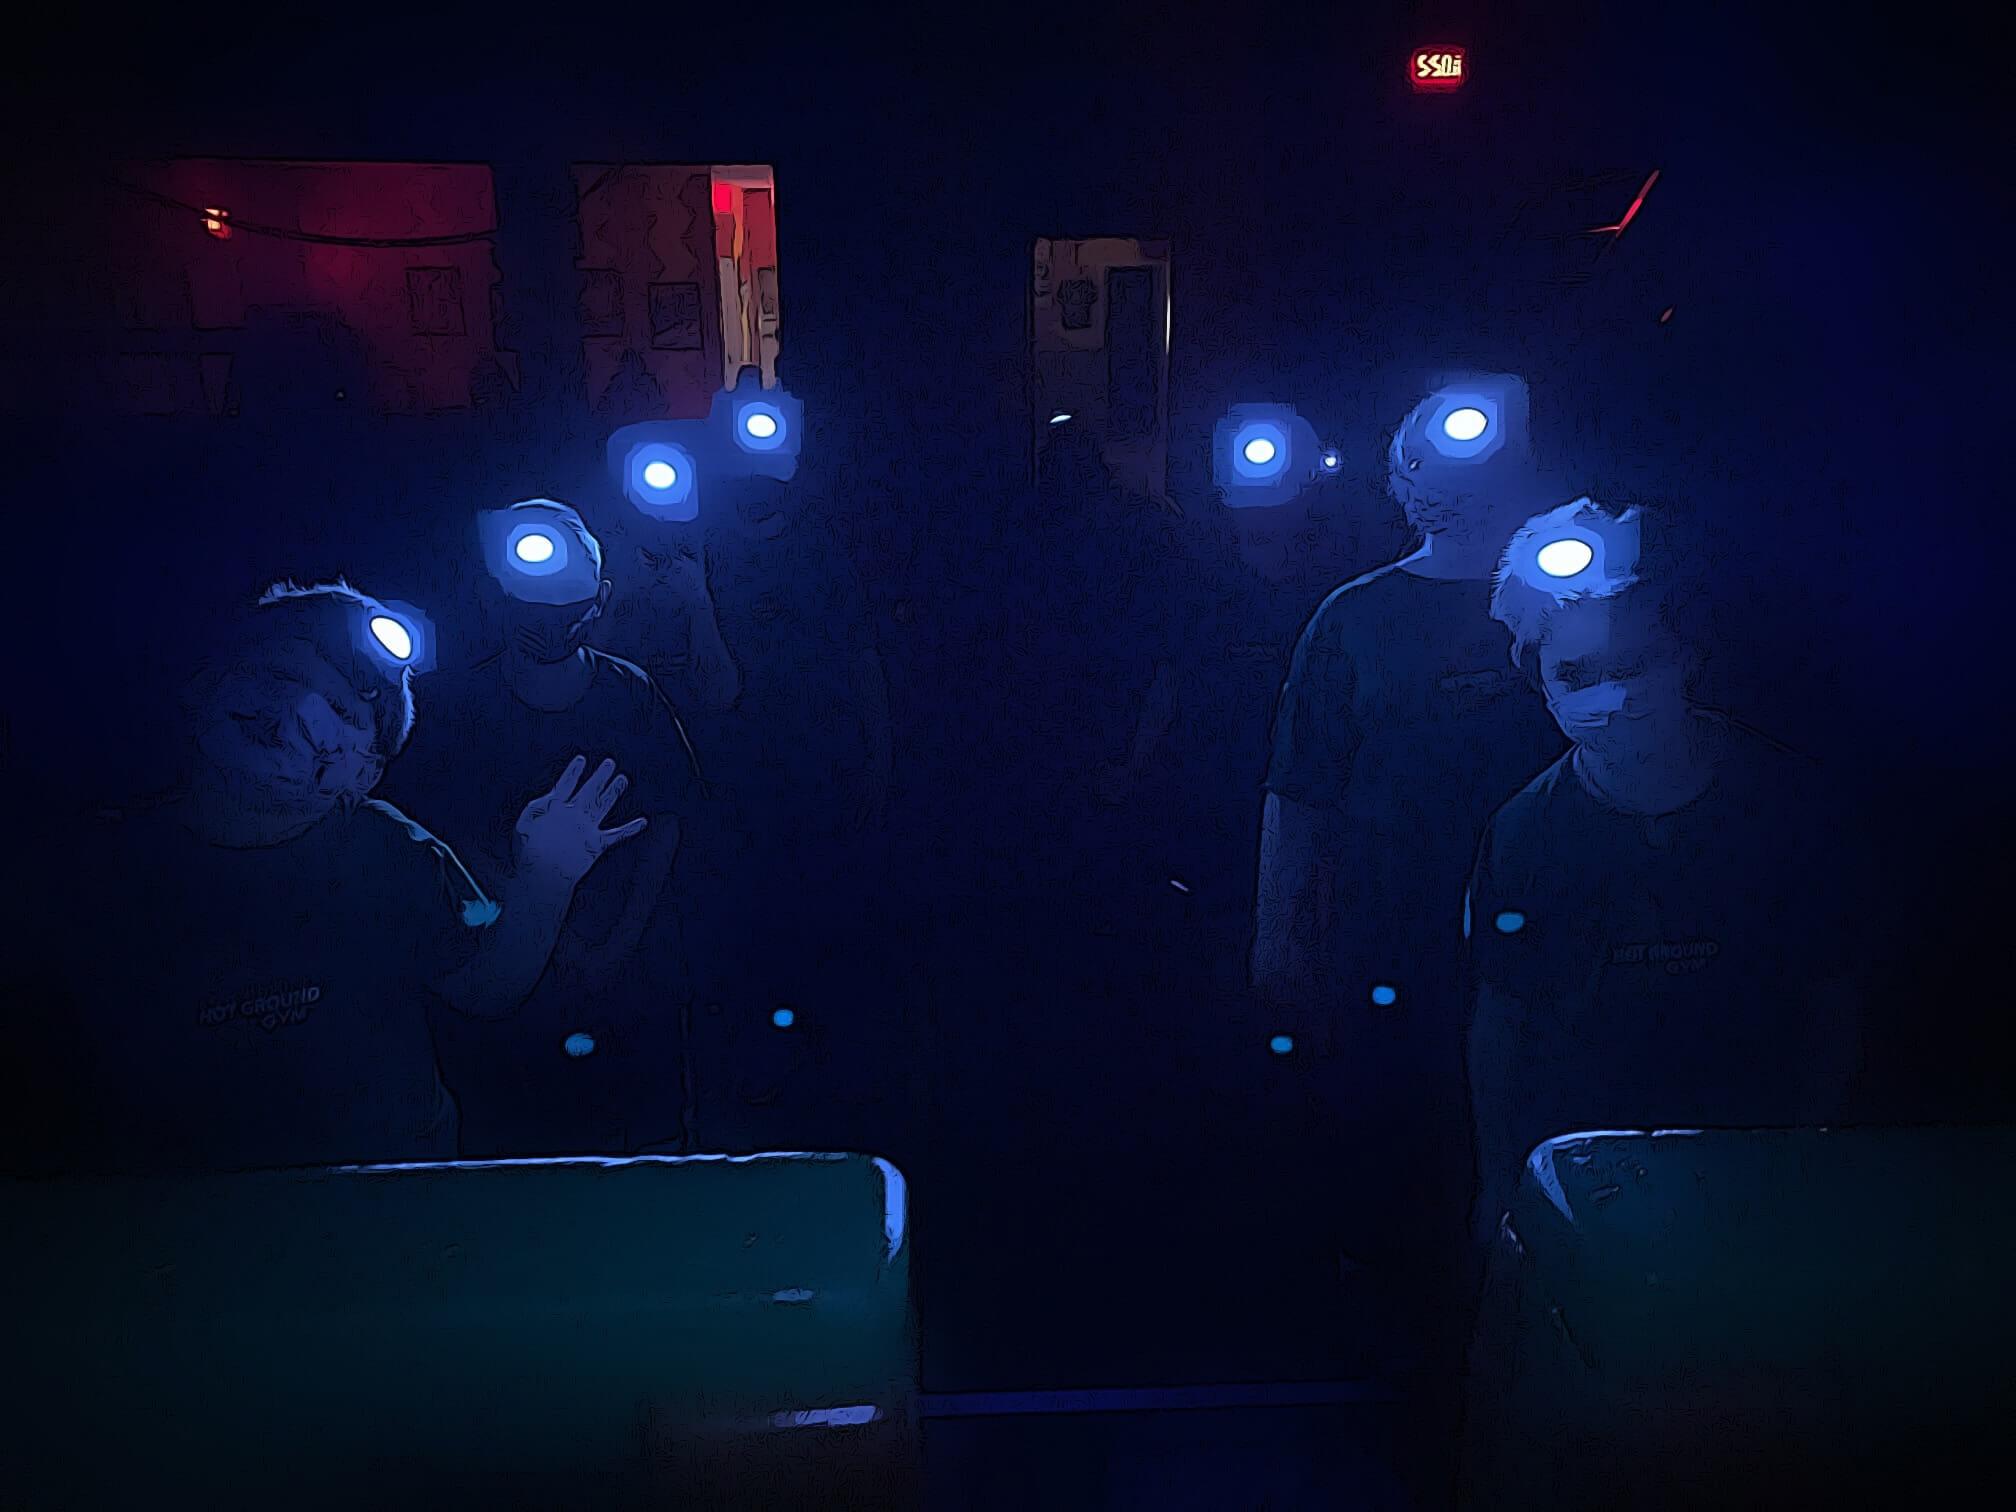 blue lights on kids